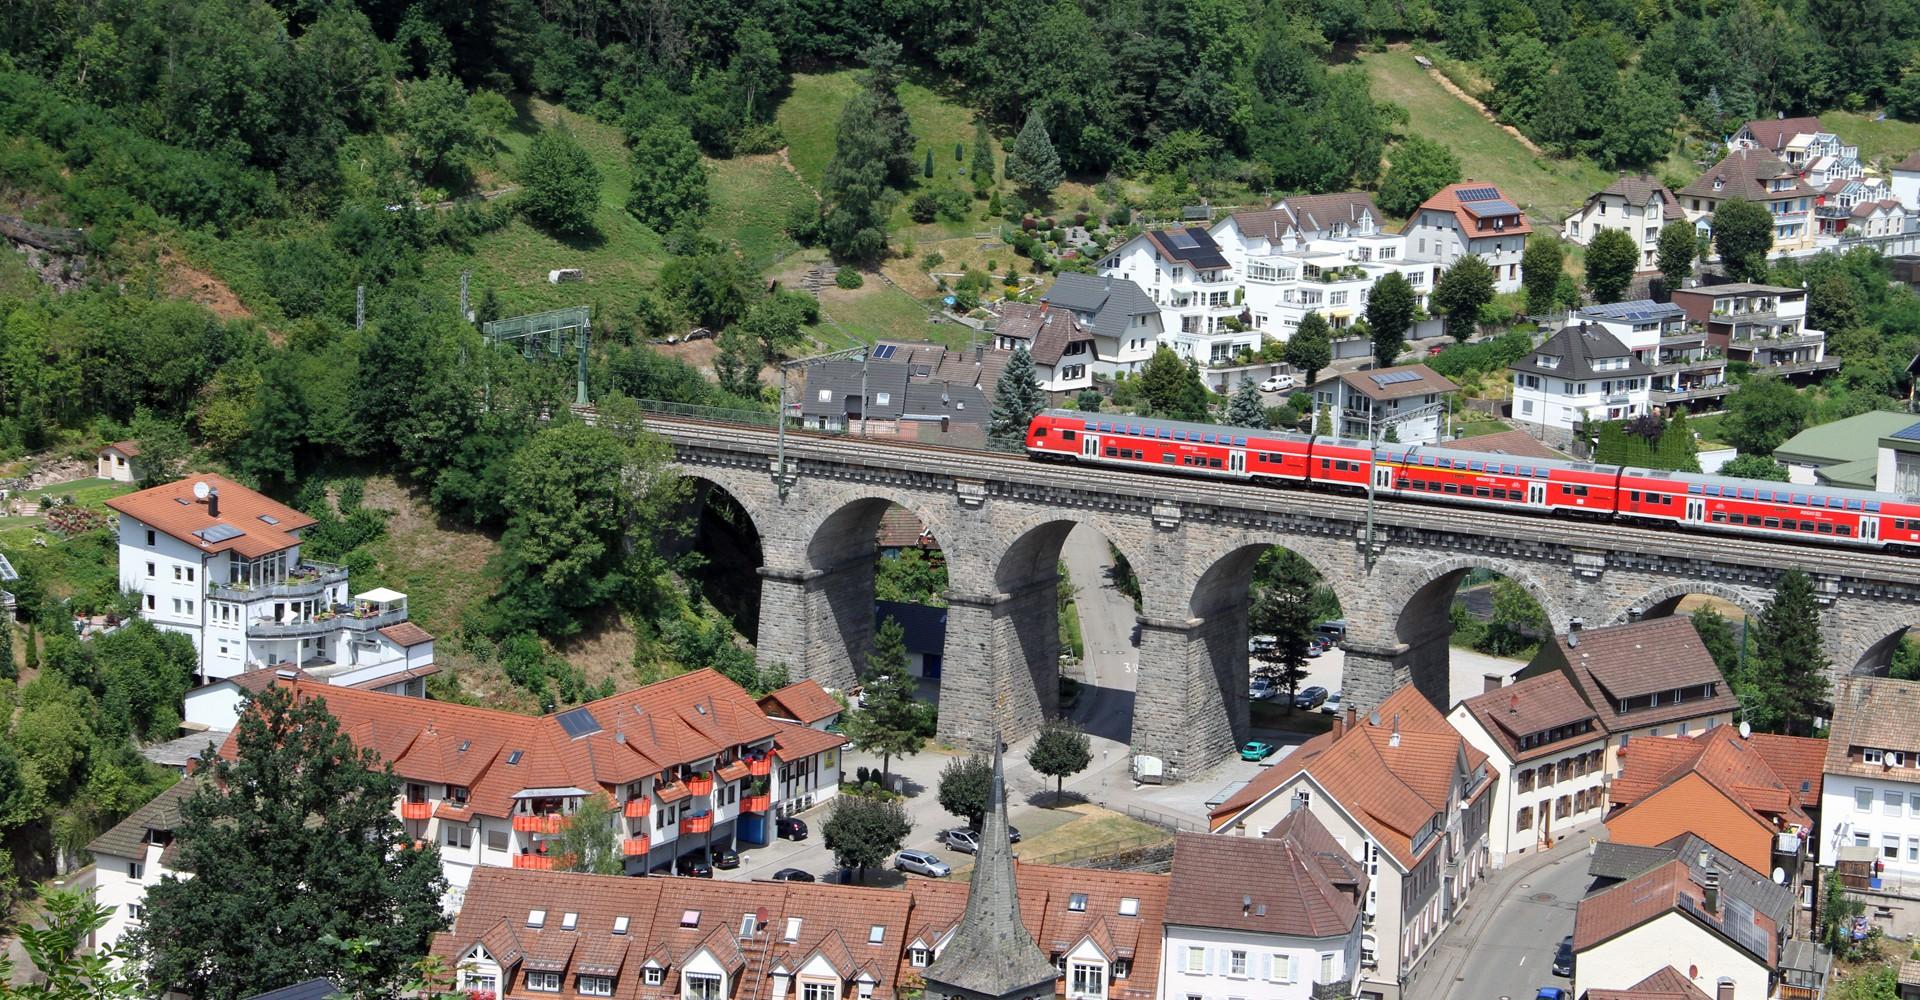 Eisenbahnviadukt Hornberg